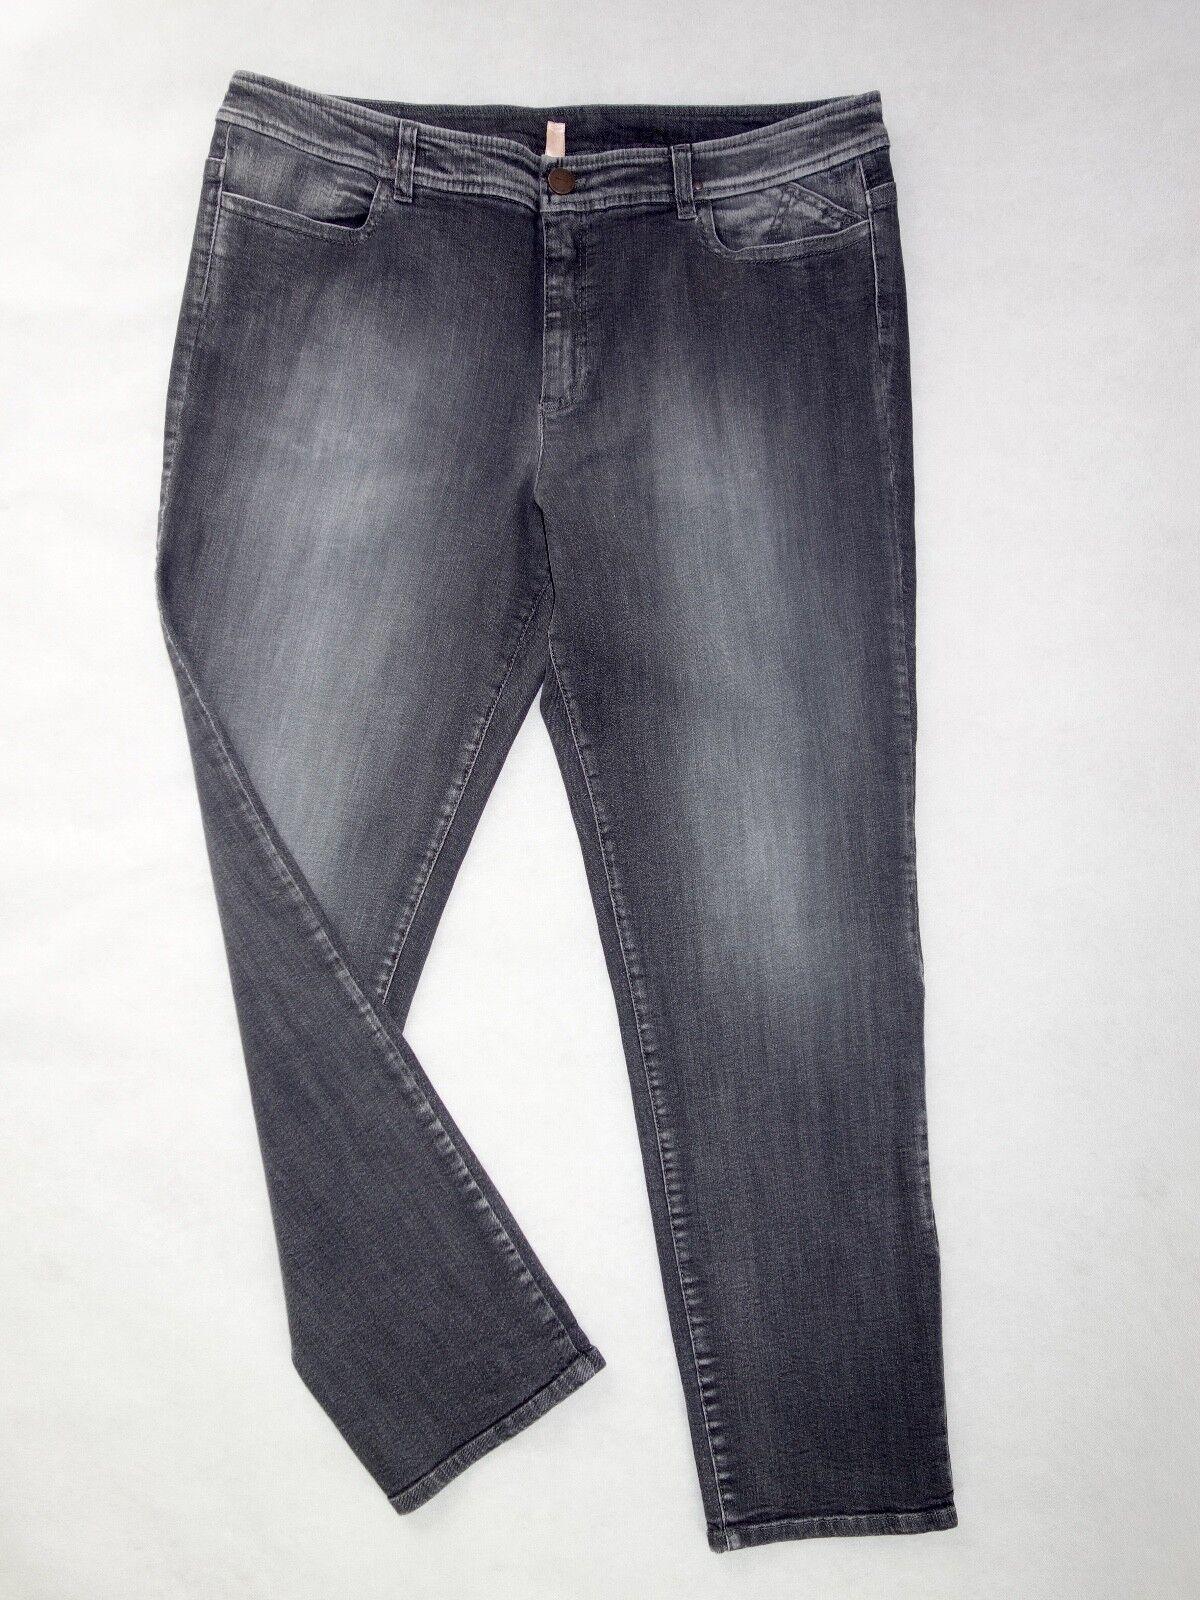 MARCCAIN Jeans mit toller Waschung Gr. N5 (42)  N6 (44) grau  NEU Marc Cain